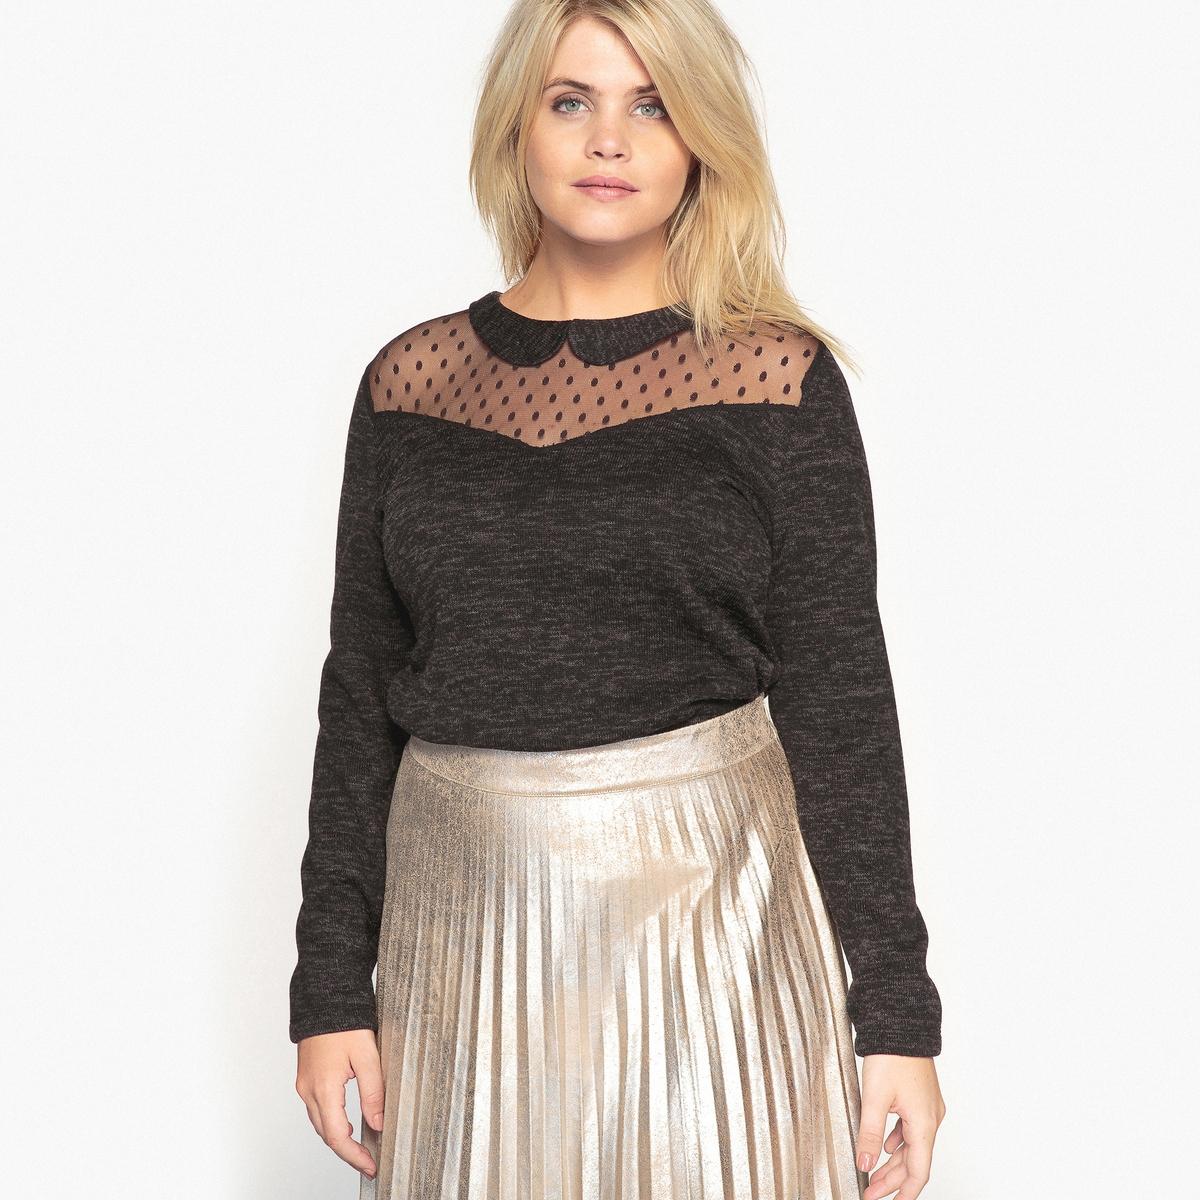 Пуловер с круглым вырезом и вышивкой гладью на вставках